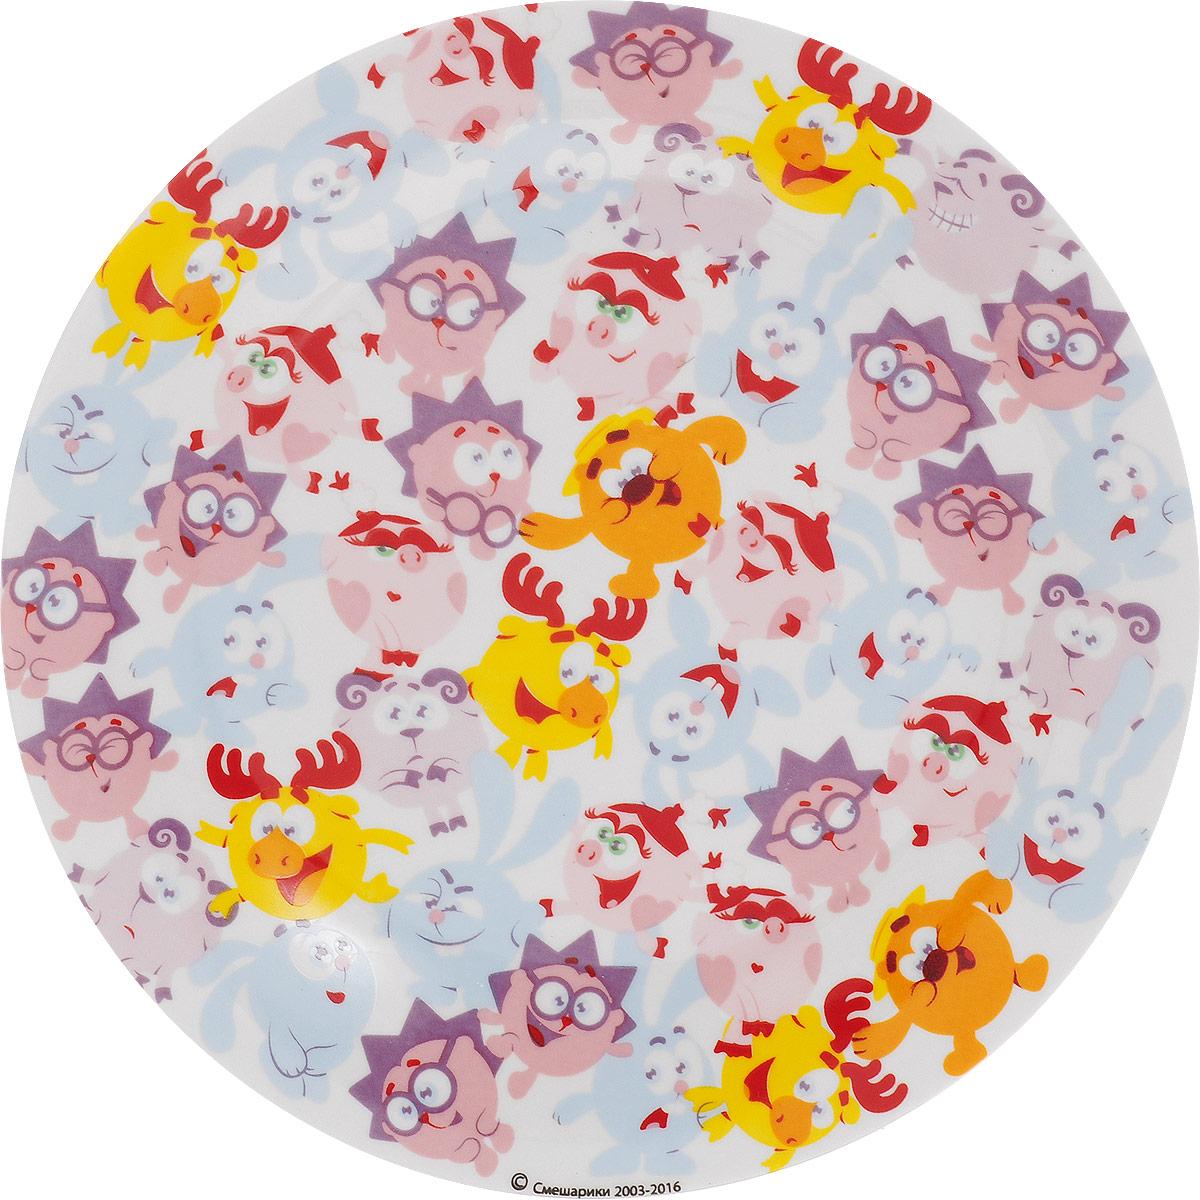 Смешарики Тарелка детская Бум диаметр 19 смSMP190-1Детская тарелка Смешарики Бум идеально подойдет для кормления малыша и самостоятельного приема пищи. Тарелка выполнена из керамики, ее широкие бортики обеспечат удобство кормления и предотвратят случайное проливание жидкой пищи. Тарелка оформлена яркими изображениями героев мультсериала Смешарики. Она предназначена для горячей и холодной пищи, подходит для мытья в посудомоечной машине и использования в микроволновой печи. Яркая тарелка с любимыми героями порадует малыша и сделает любой прием пищи приятным и веселым.